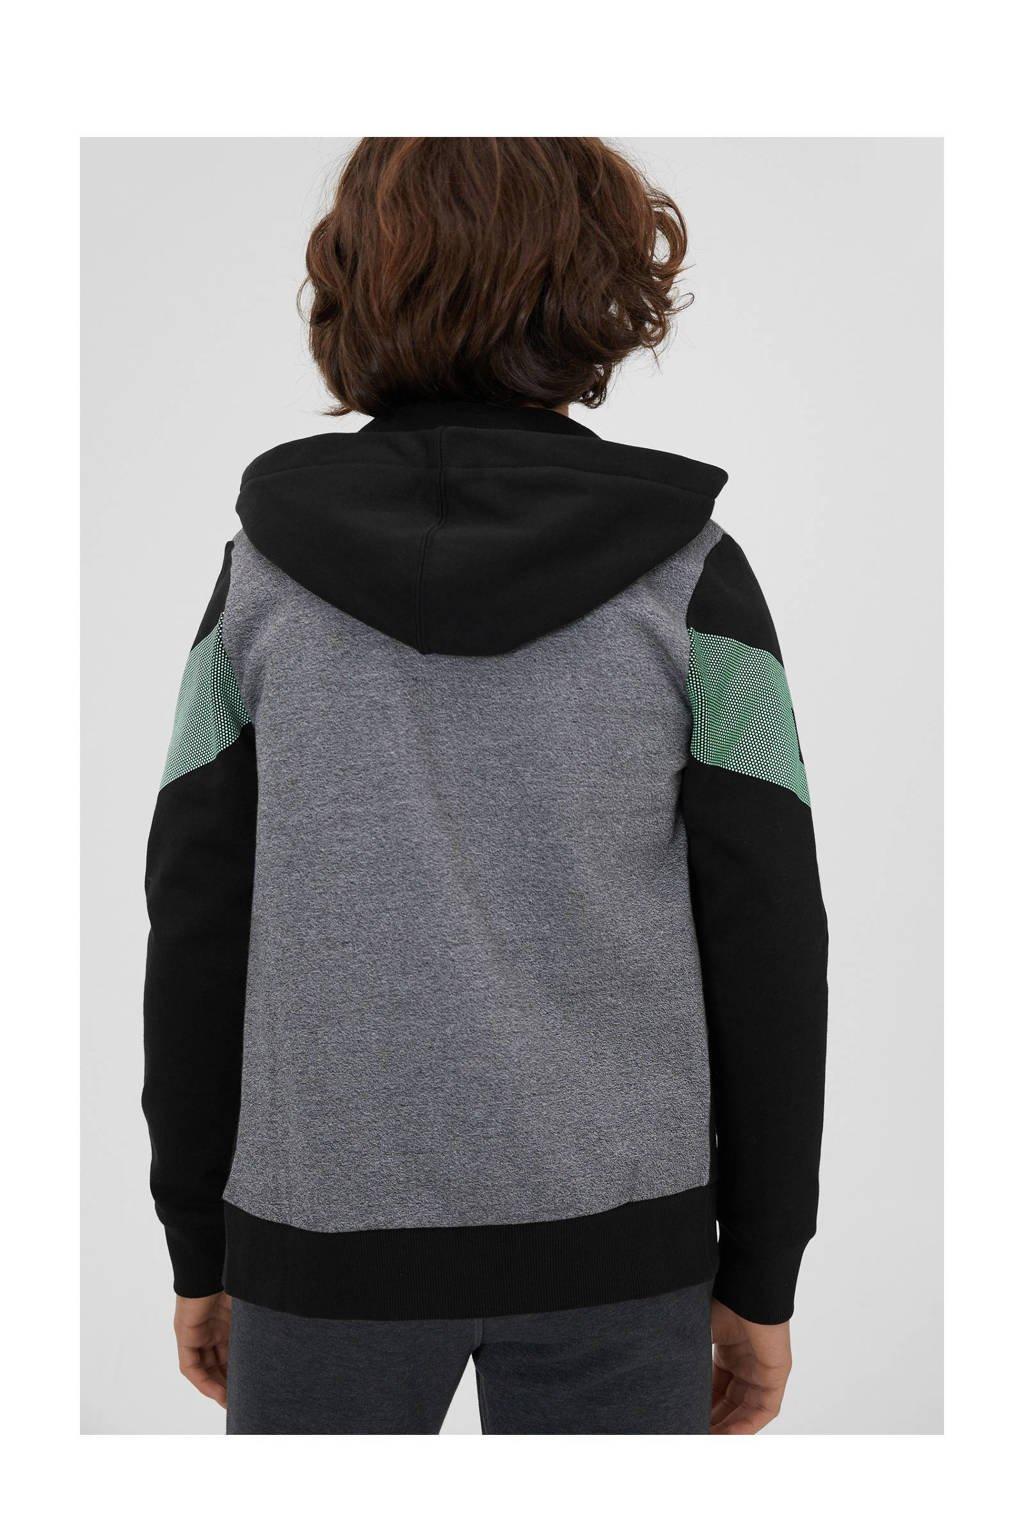 C&A Here & There vest met printopdruk zwart/grijs/groen, Zwart/grijs/groen